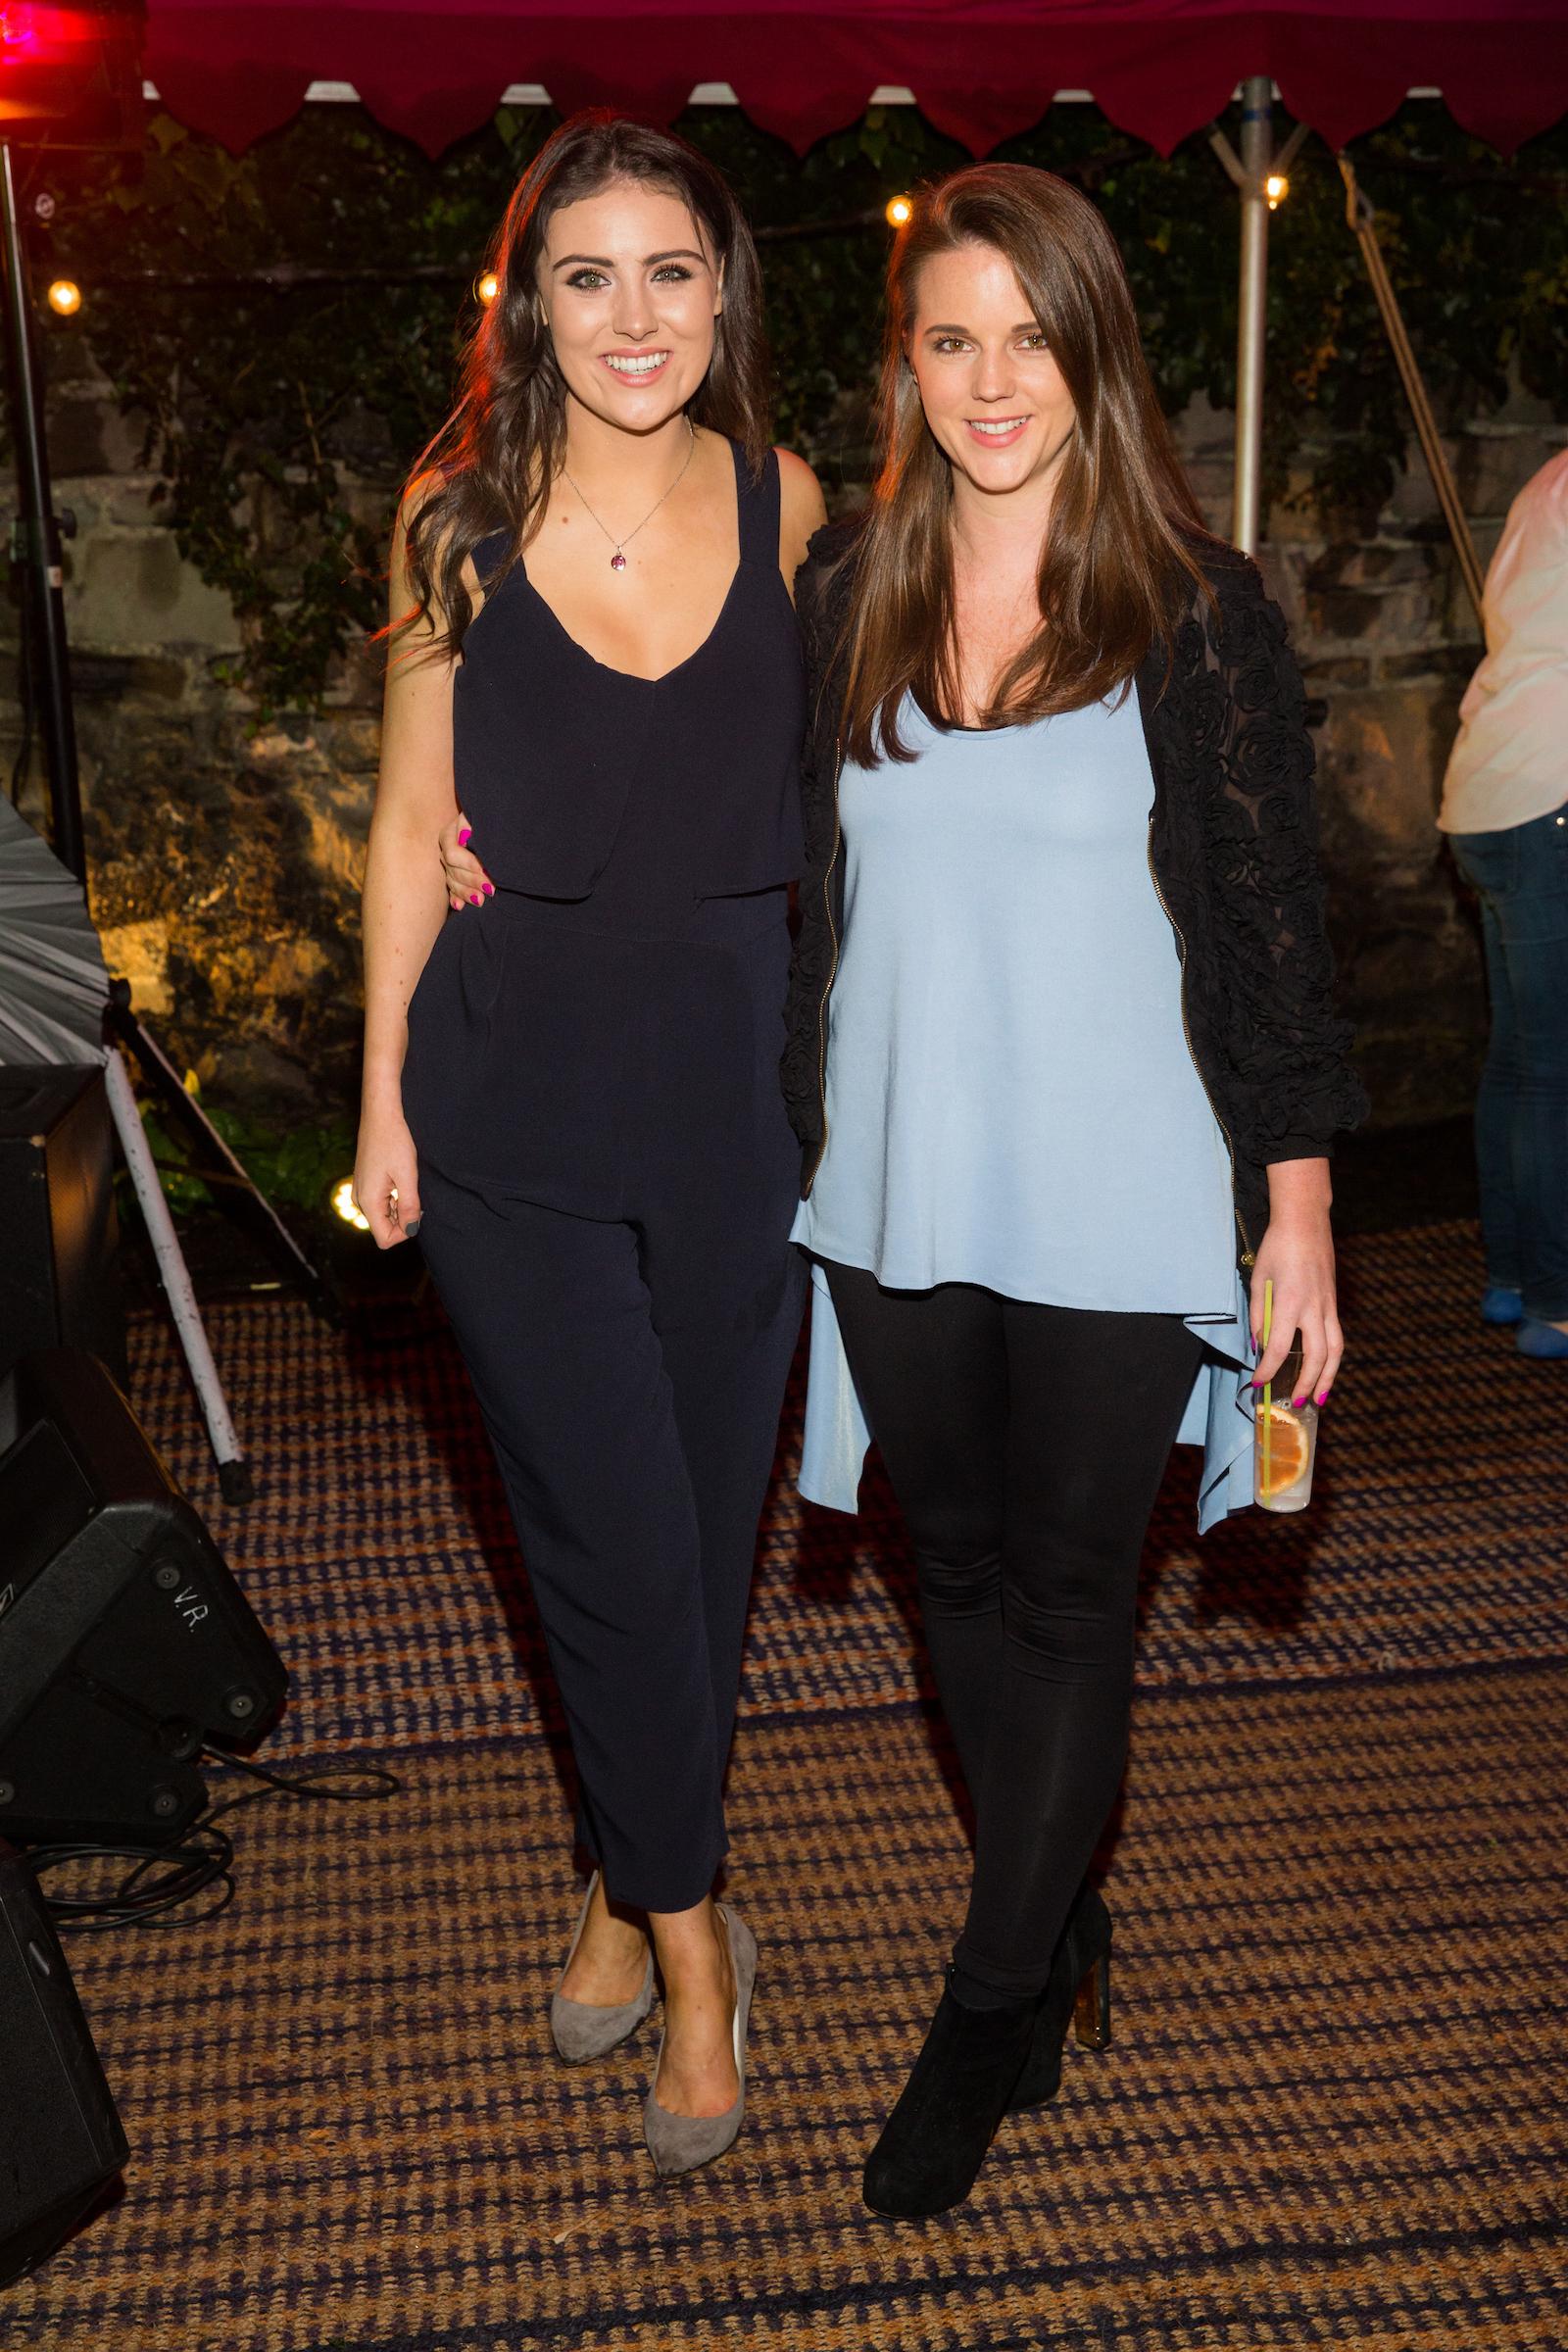 Hannah O'Neill and Elena Healy